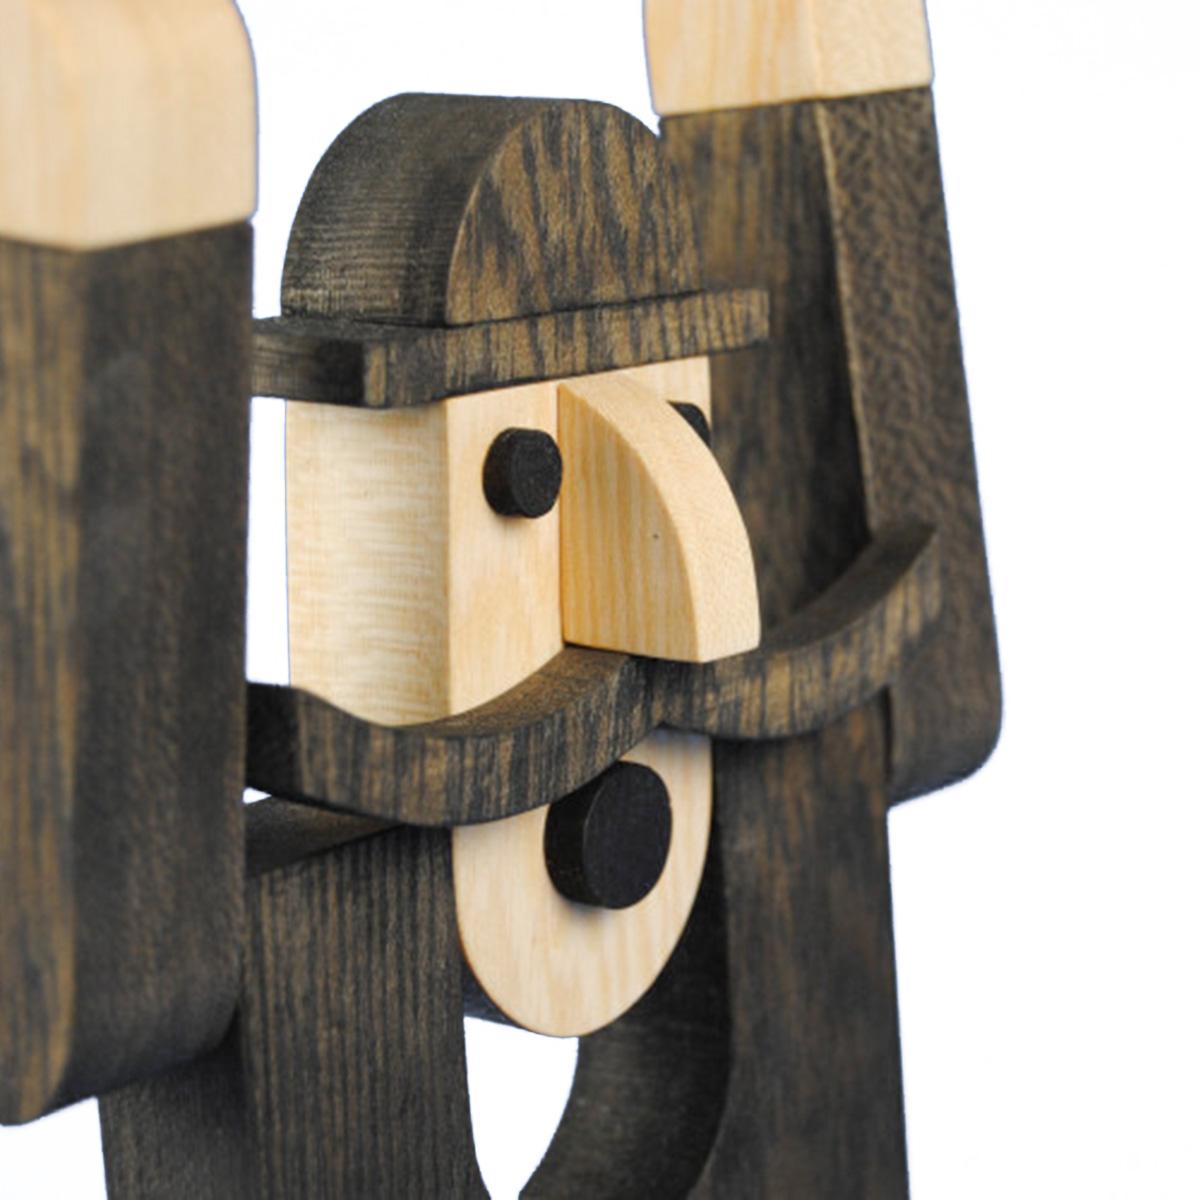 Giocattolo in legno Prete Baffuto Depero